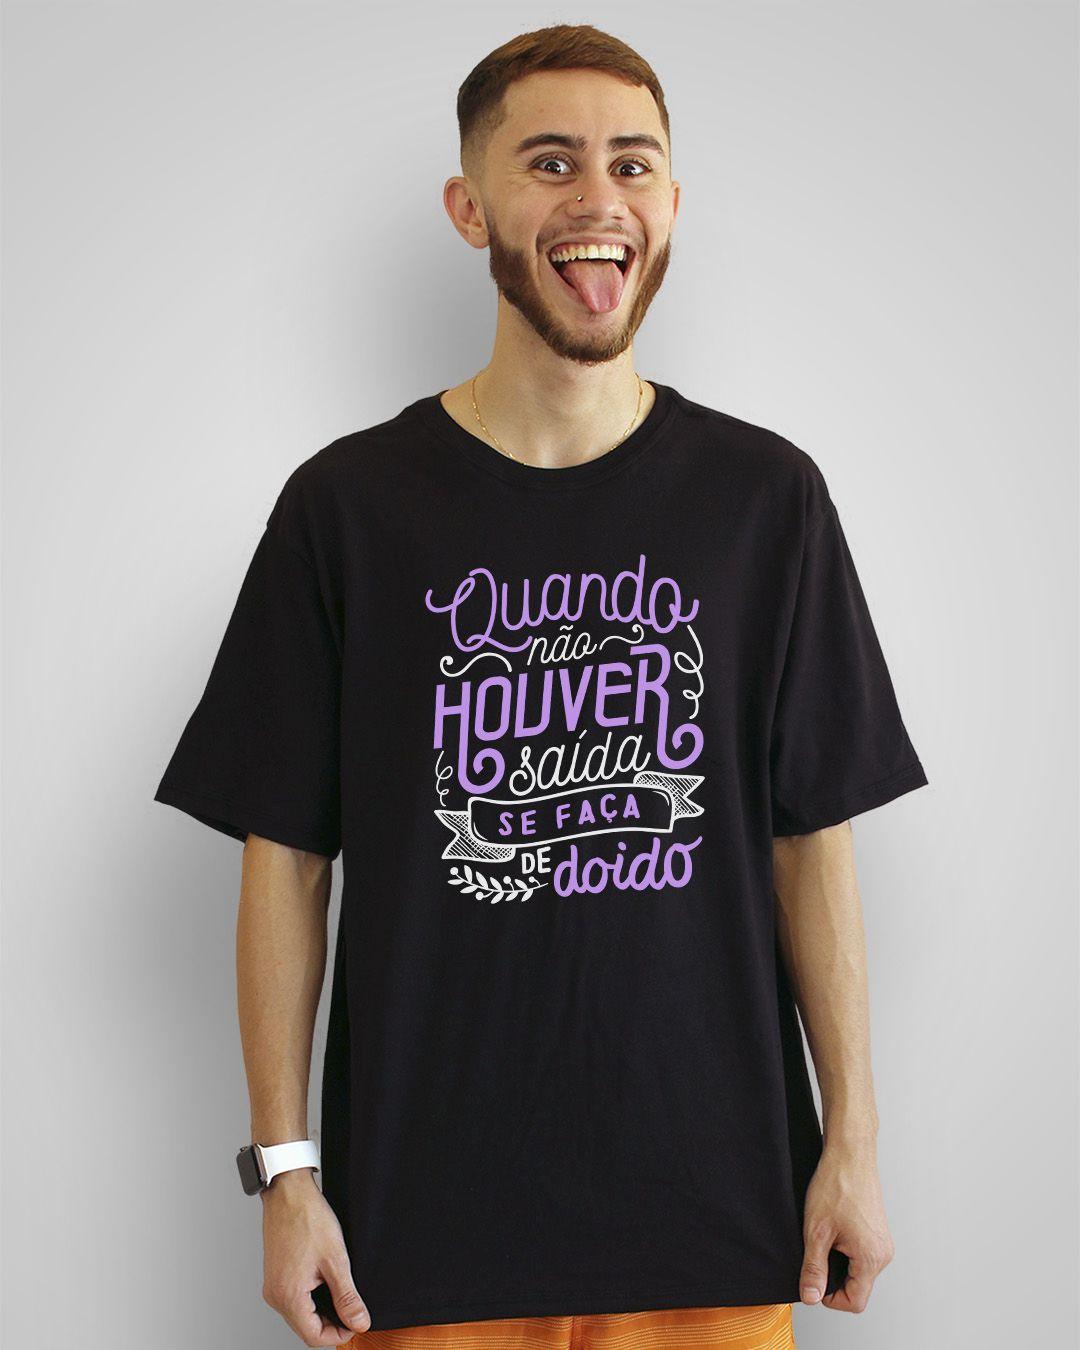 Camiseta Quando não houver saída, se faça de doido